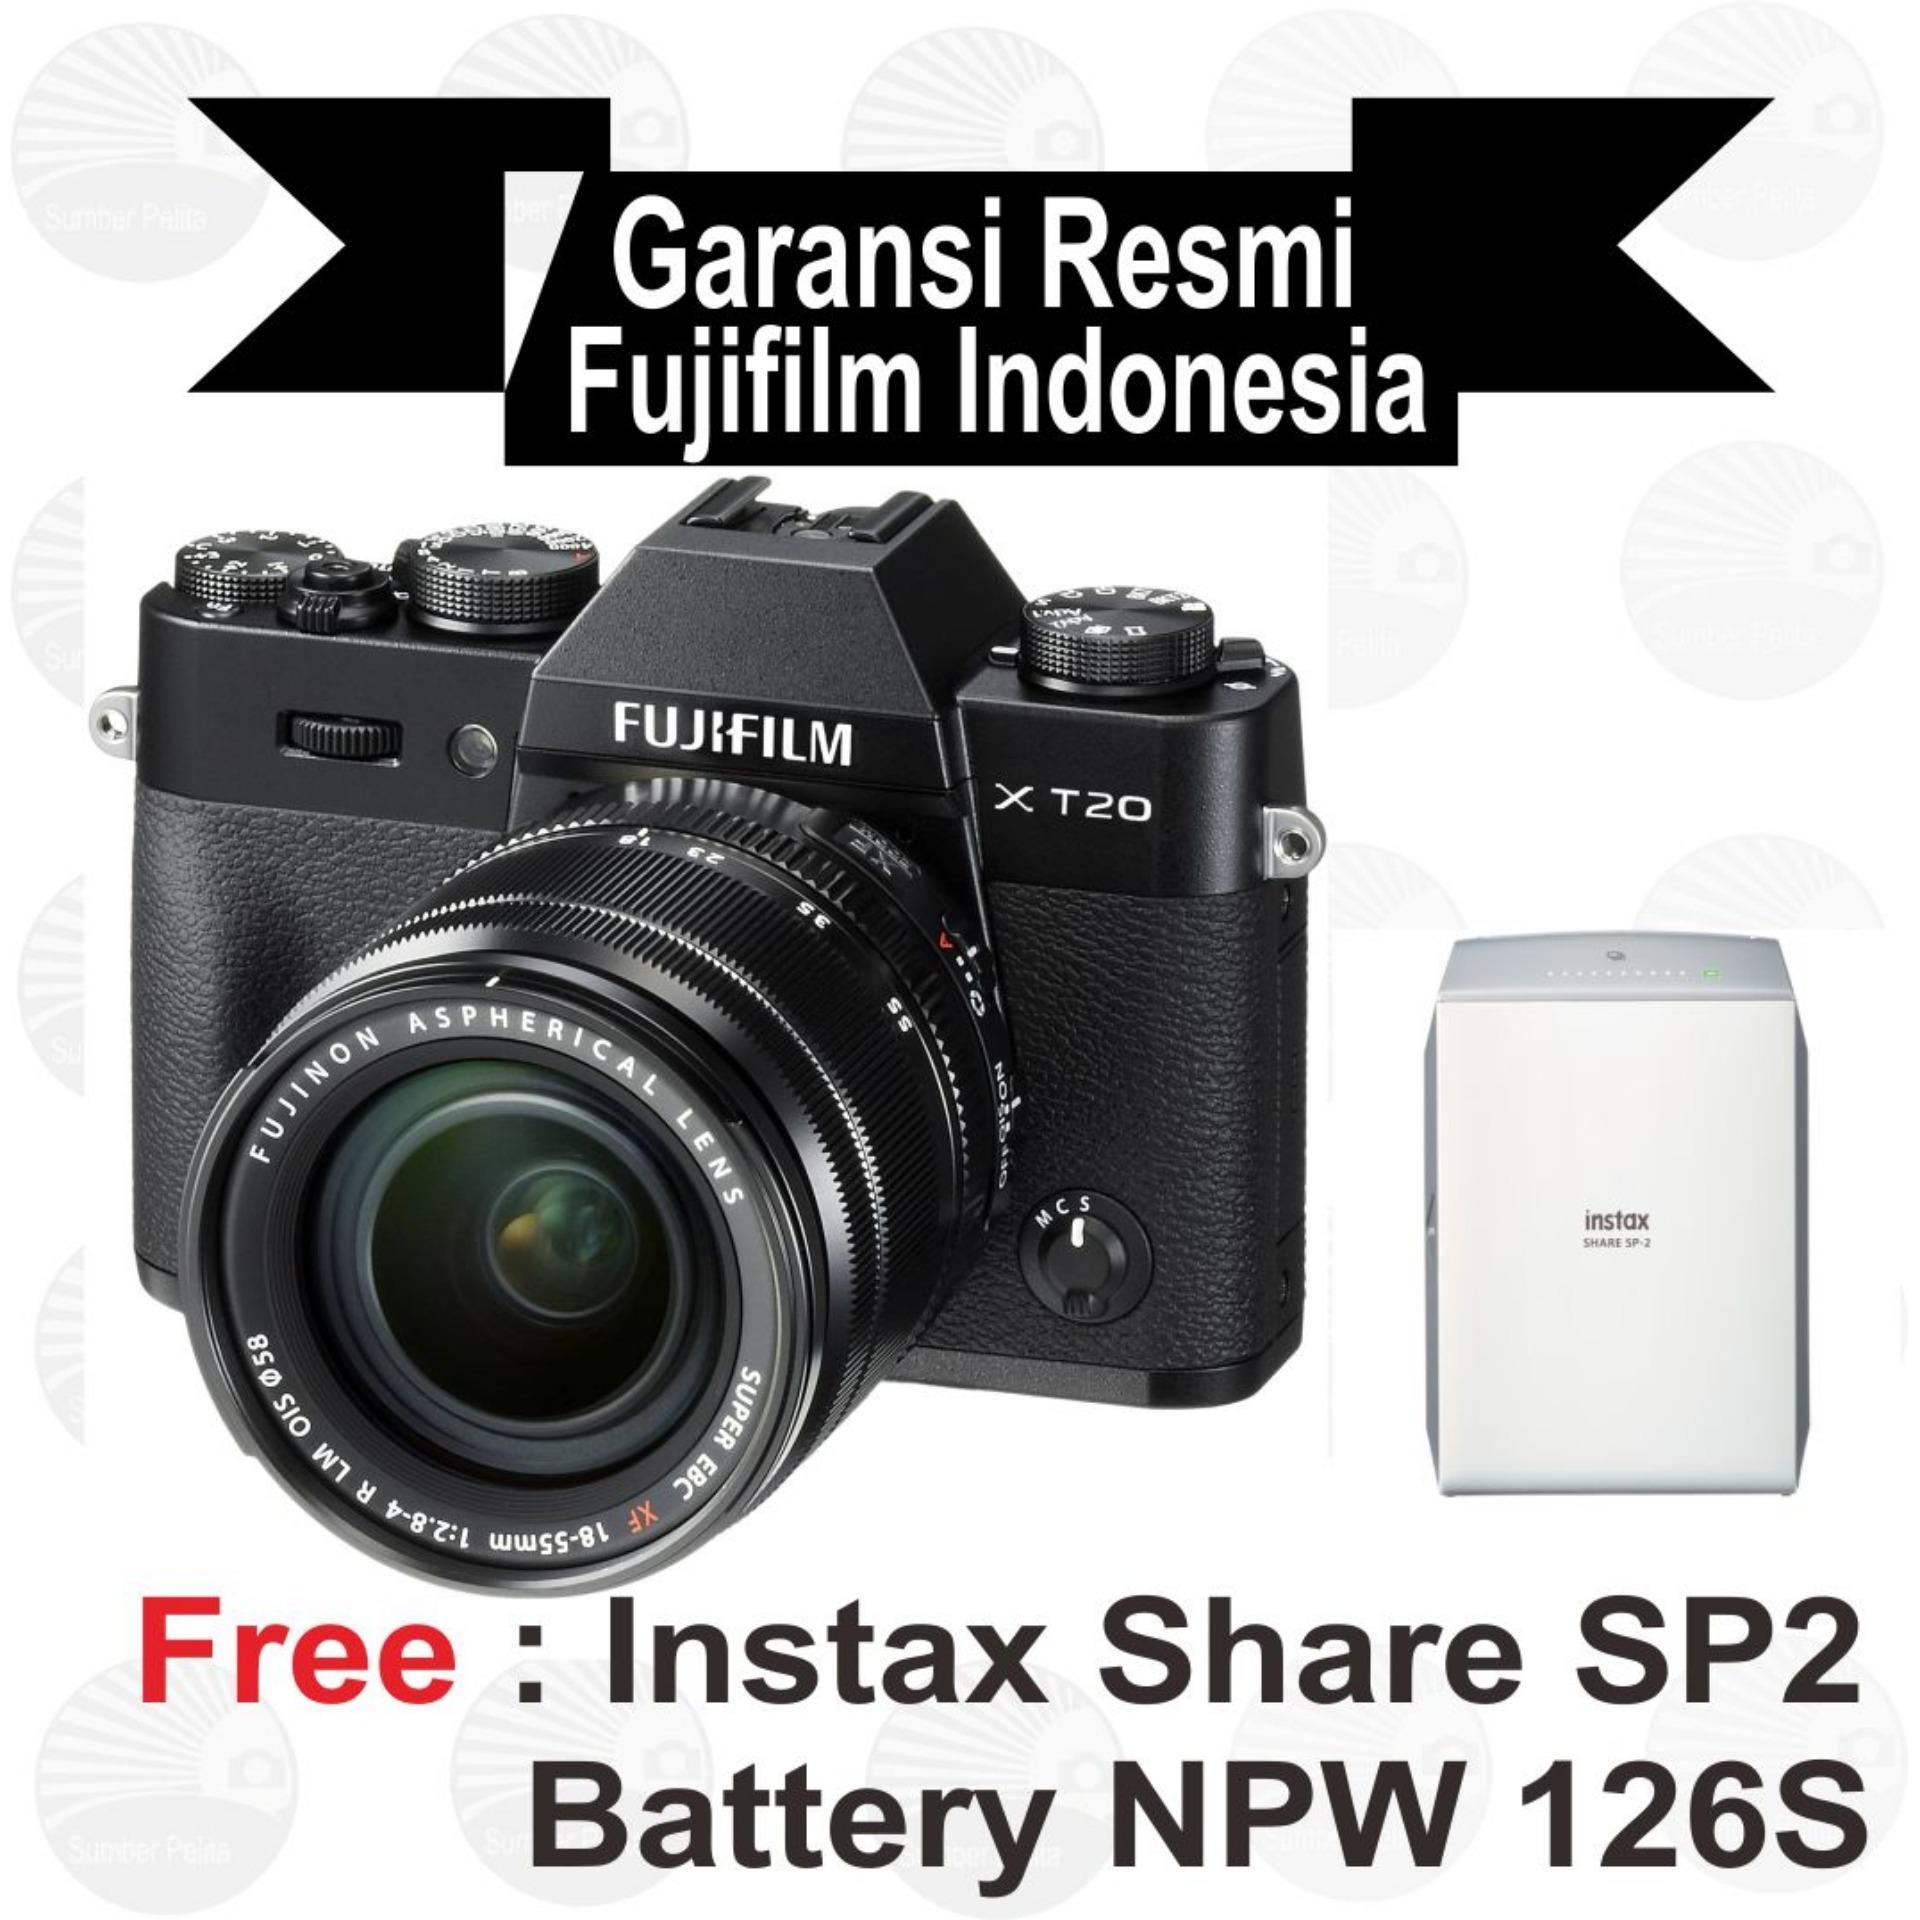 Fujifilm Xt 20 Mirrorless Camera With Kit Xc 18 55mm Hitam Instax X T100 Xc15 45mm F35 56 Ois Pzdark Silver Pwp Xf50 F2 T20 55 Mm Black Free Sp2 Batt